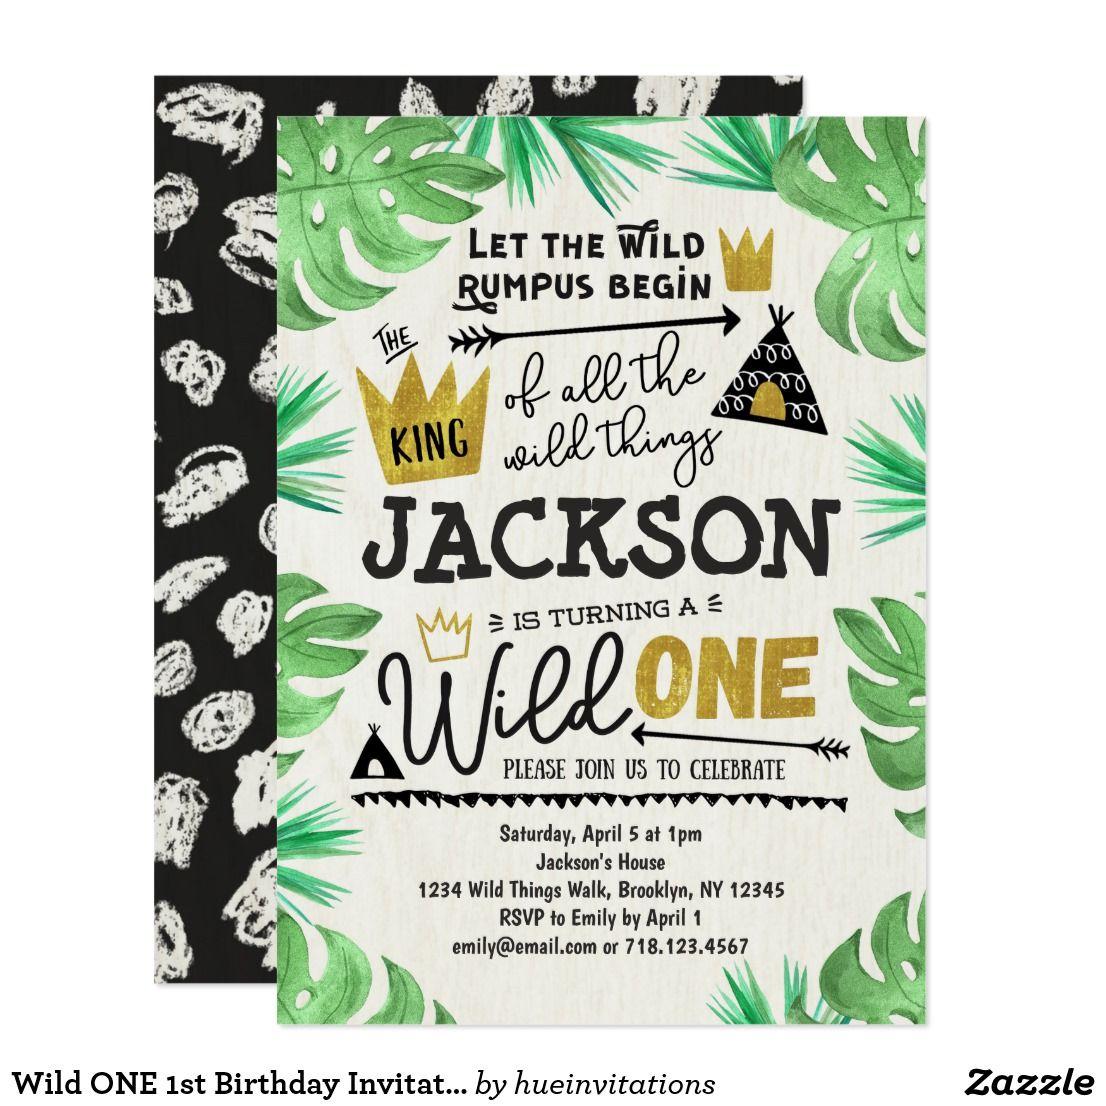 Wild One 1st Birthday Invitation Boy Wild Things Zazzle Com 1st Birthday Invitations Boy Boy Birthday Invitations 1st Birthday Invitations